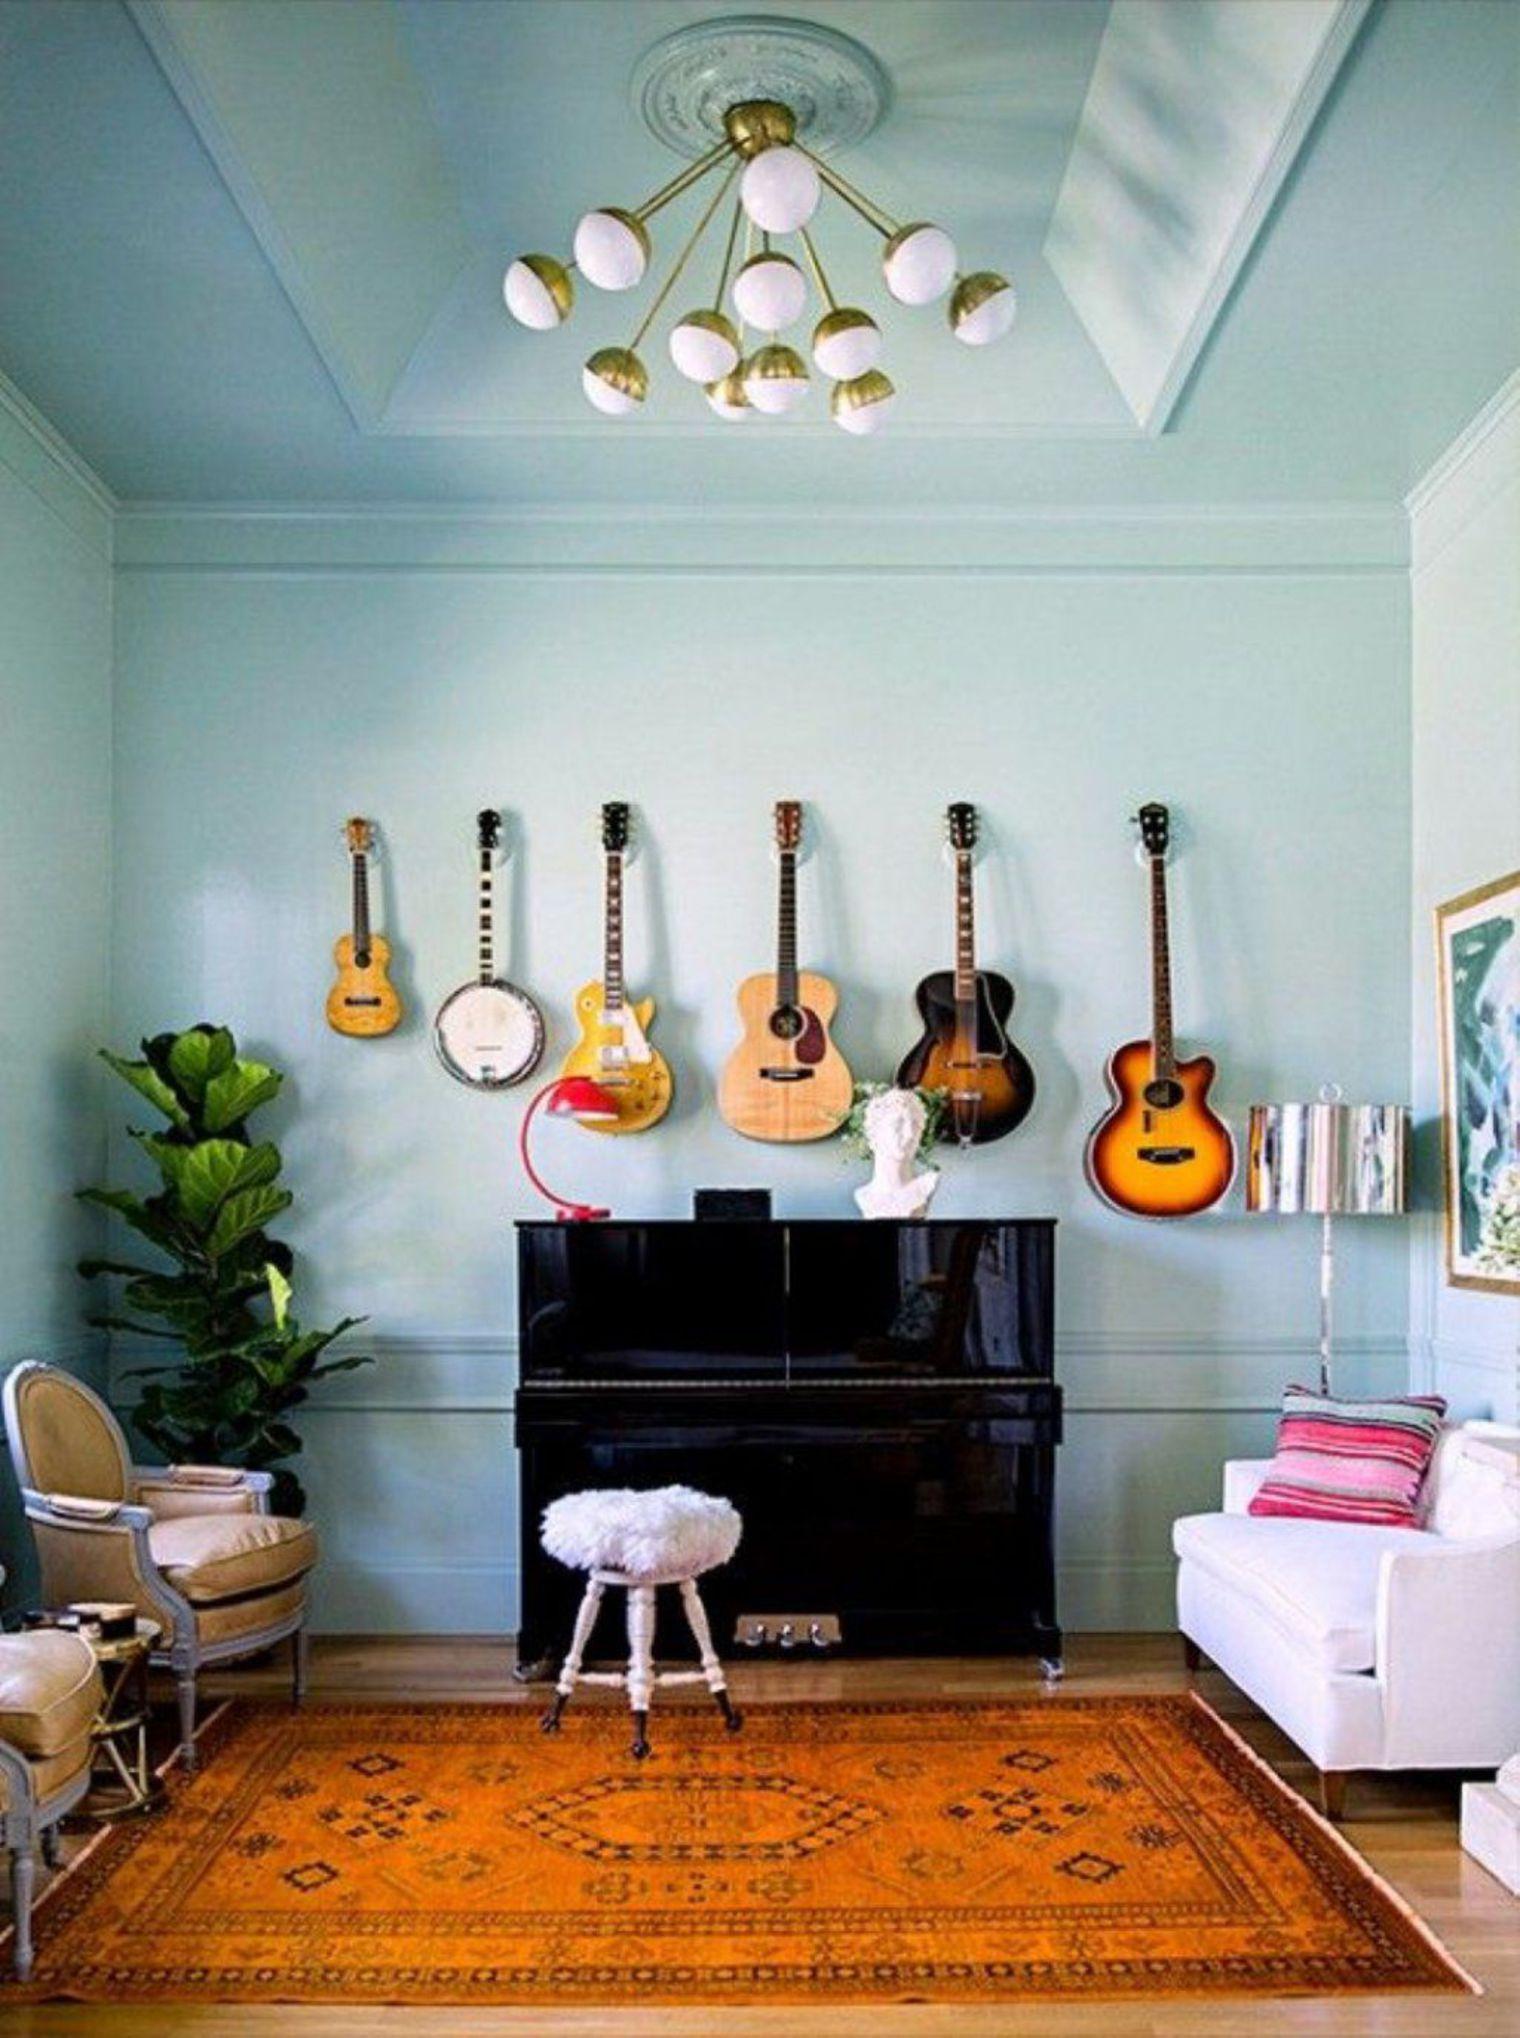 decorare-casa-con-strumento-musicale-13